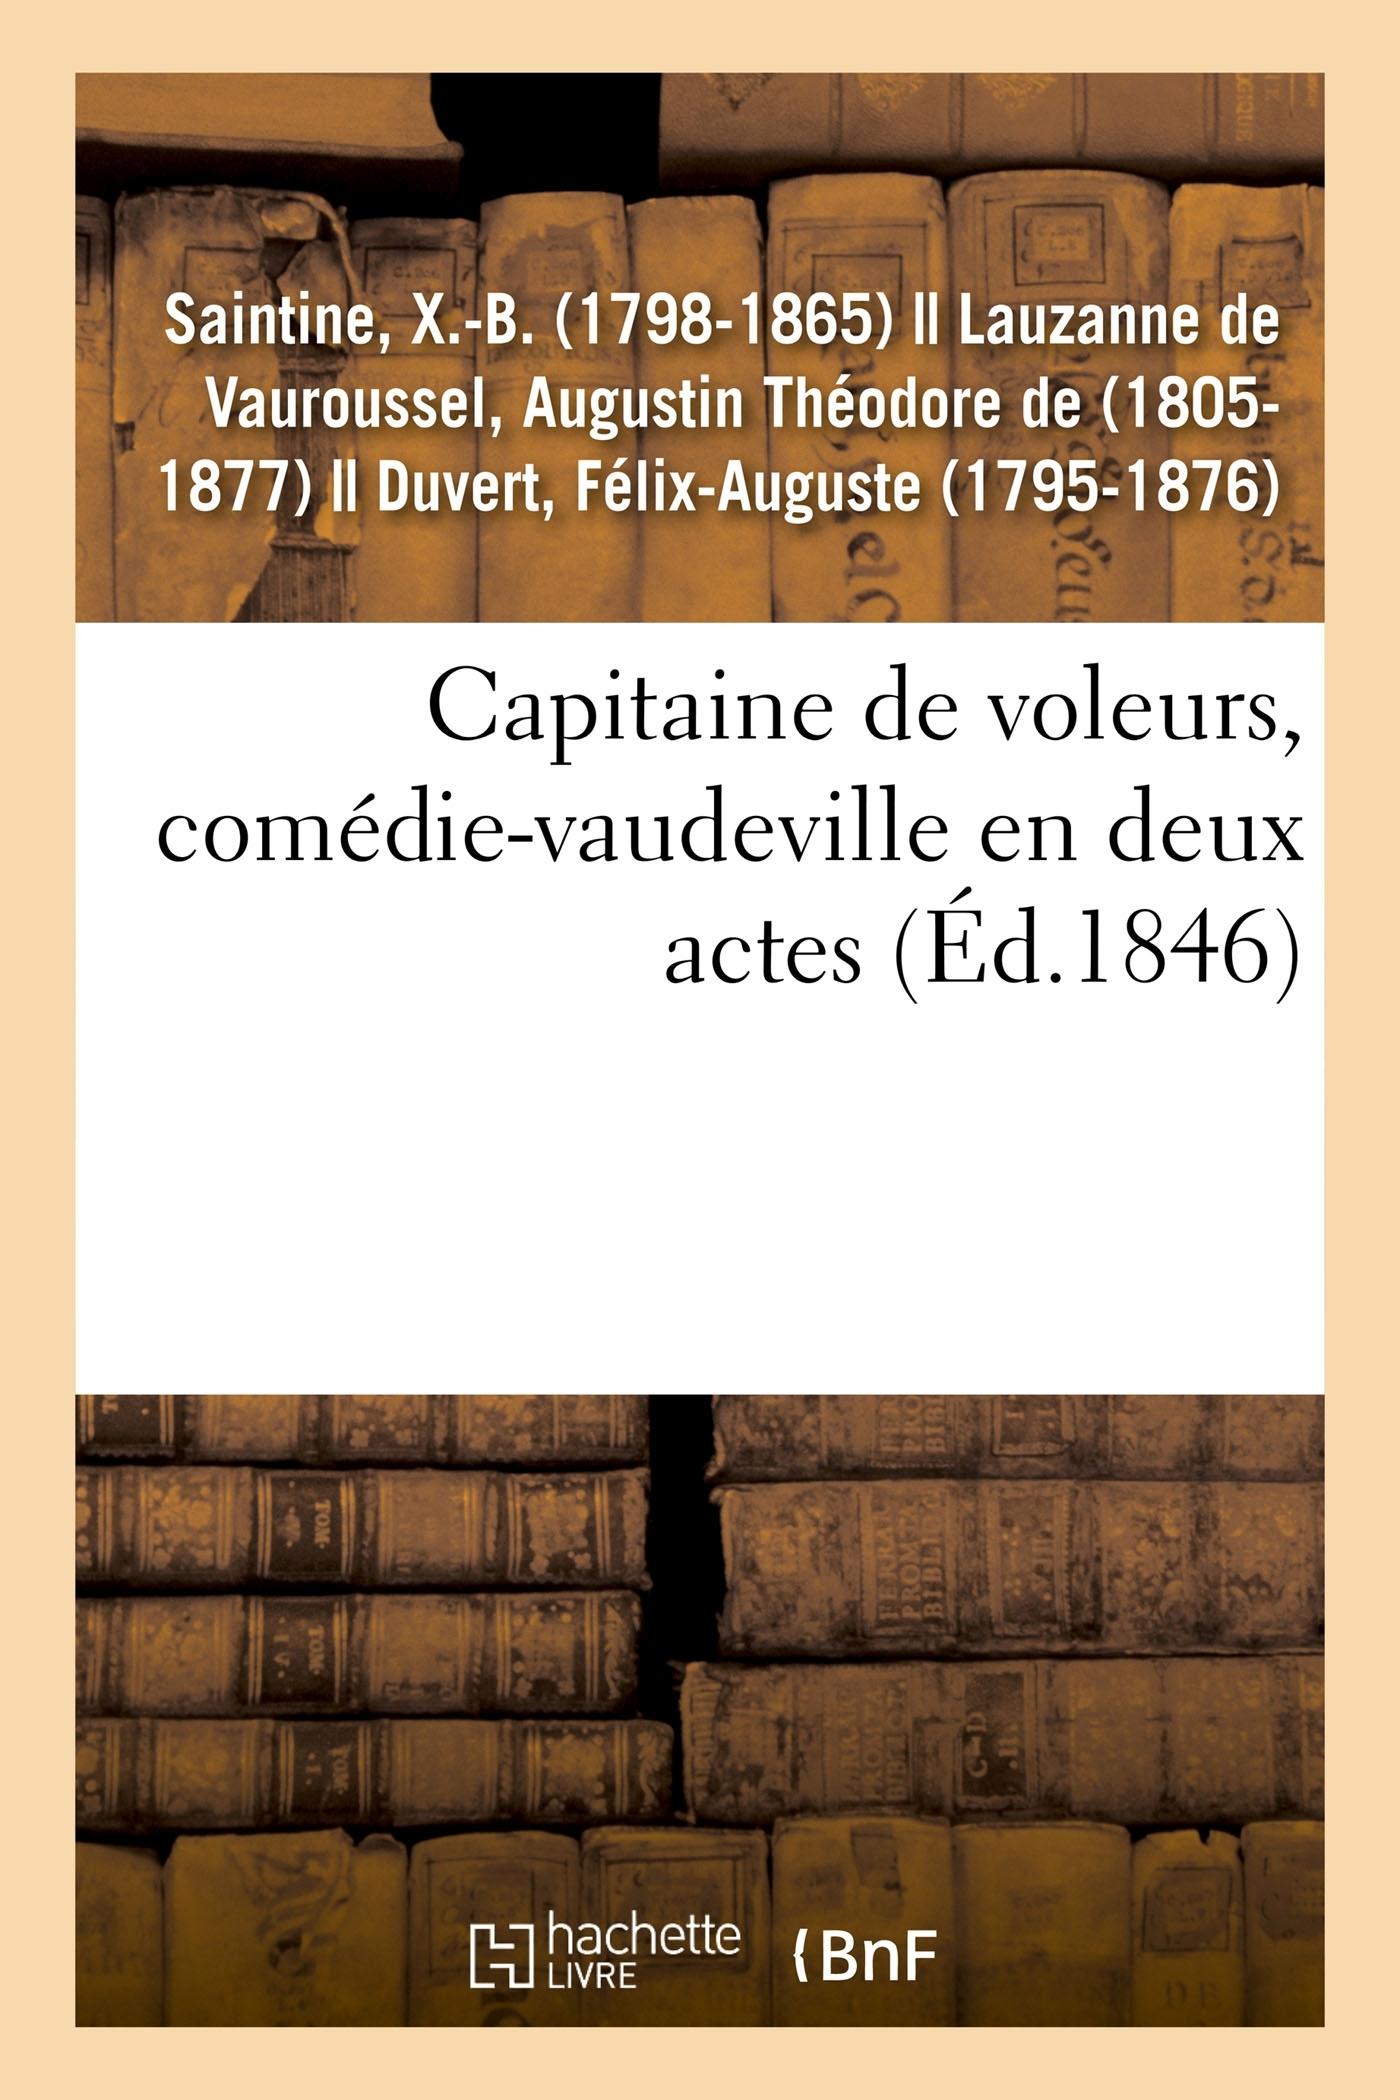 CAPITAINE DE VOLEURS, COMEDIE-VAUDEVILLE EN DEUX ACTES